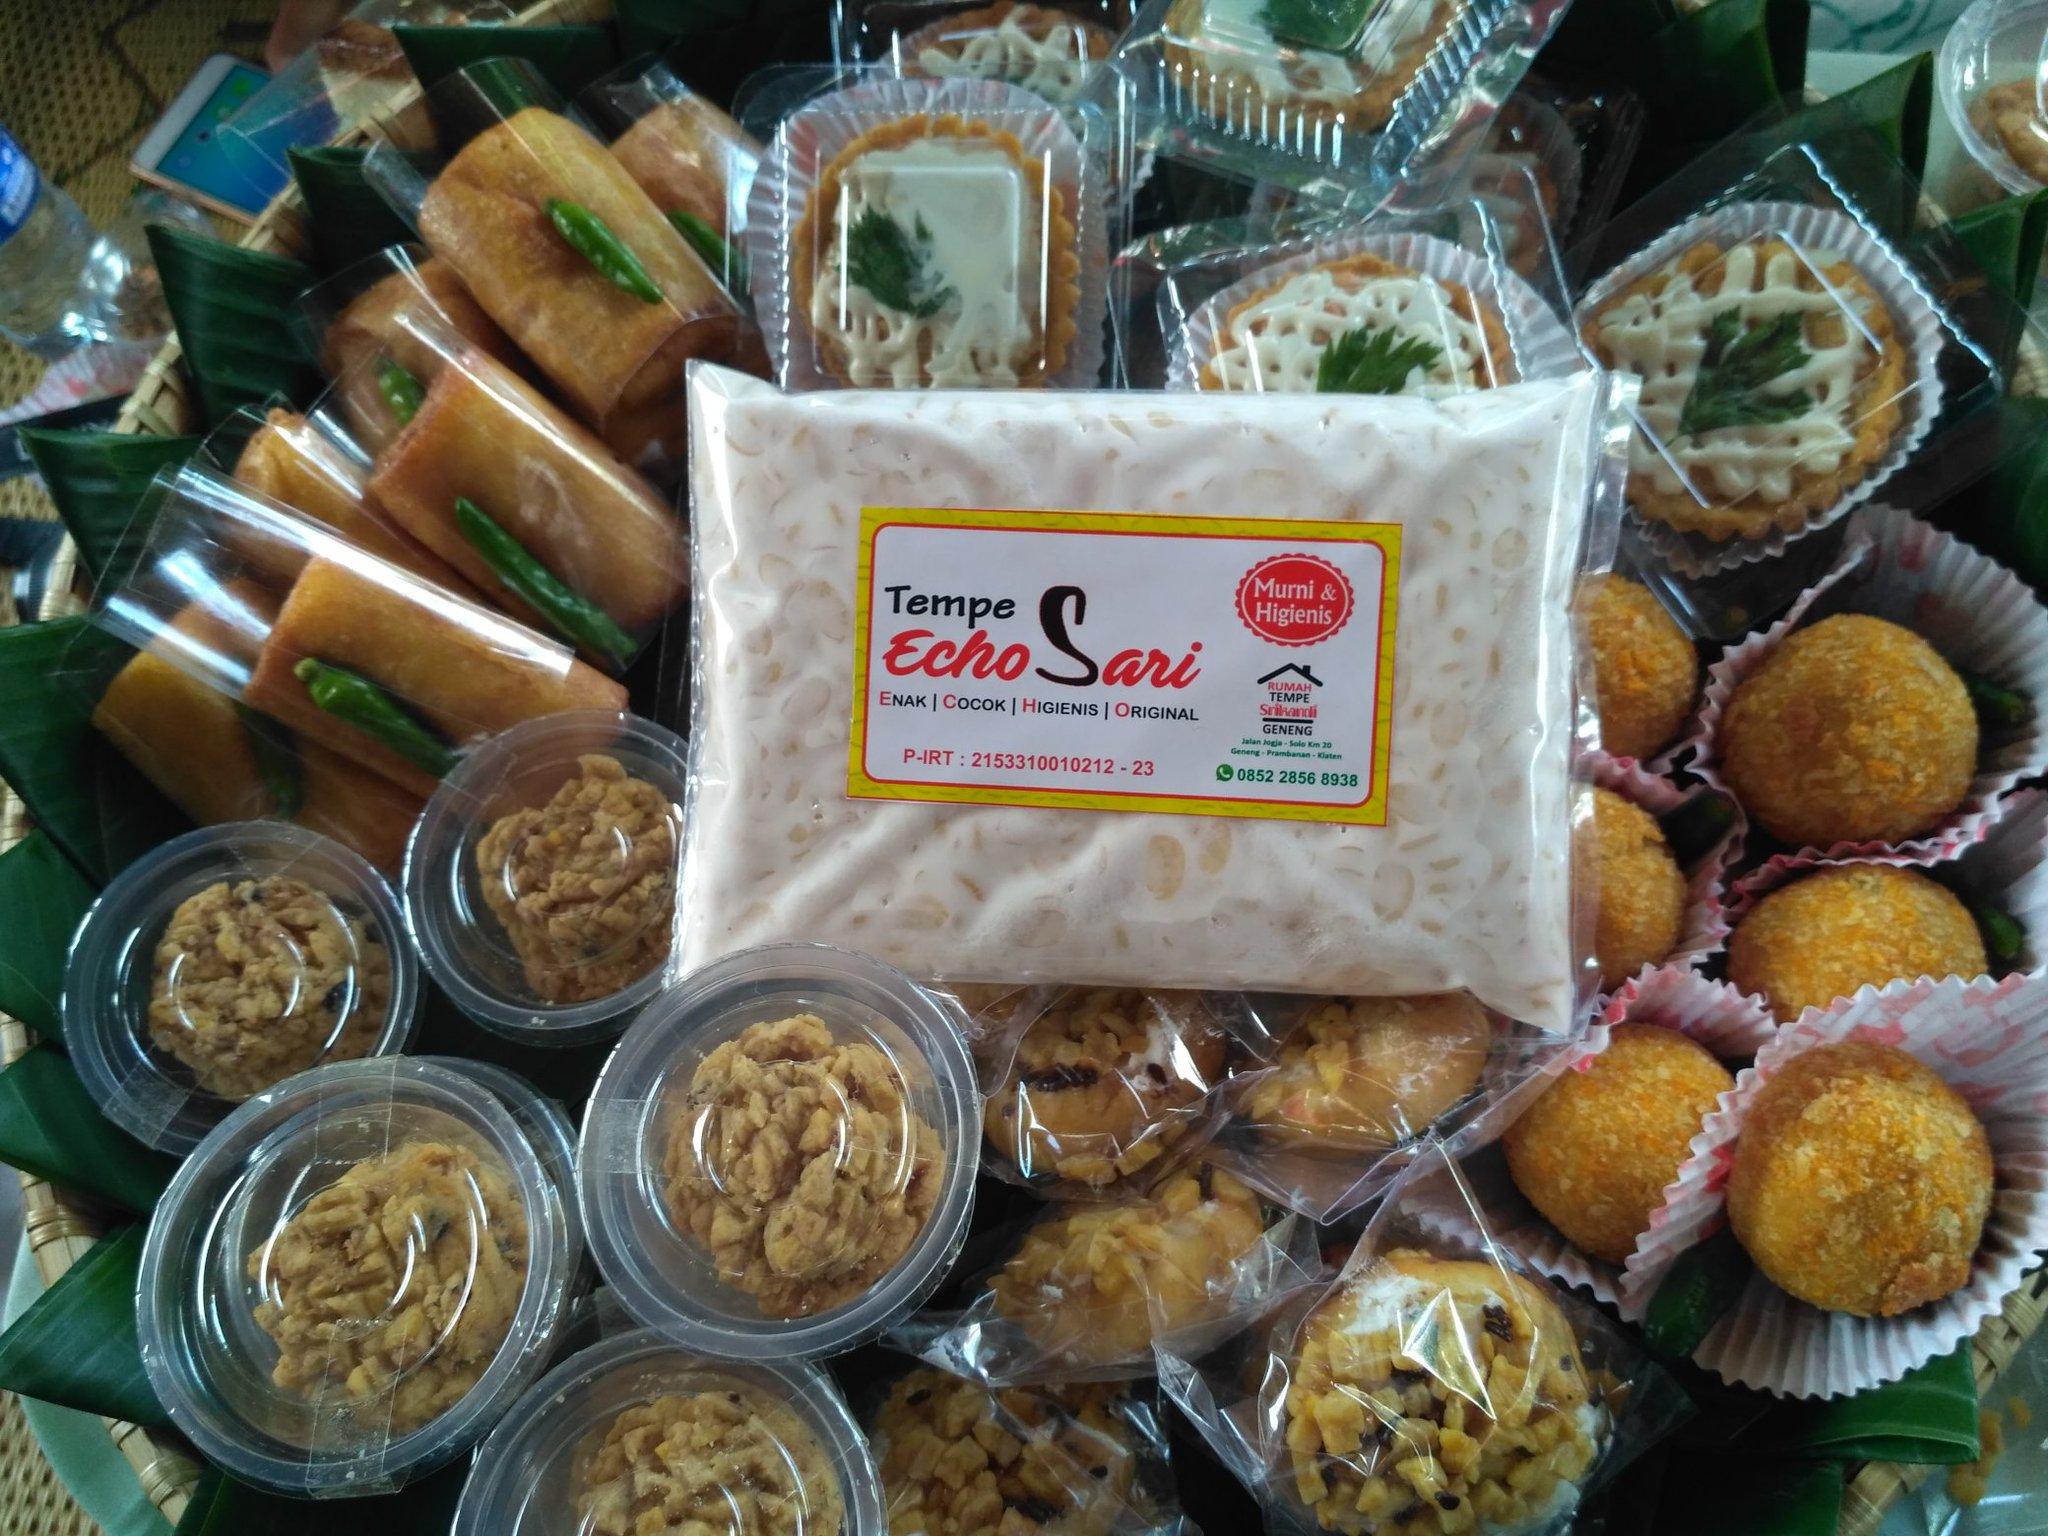 Tempe Echo Sari dan aneka kuliner dari tempe